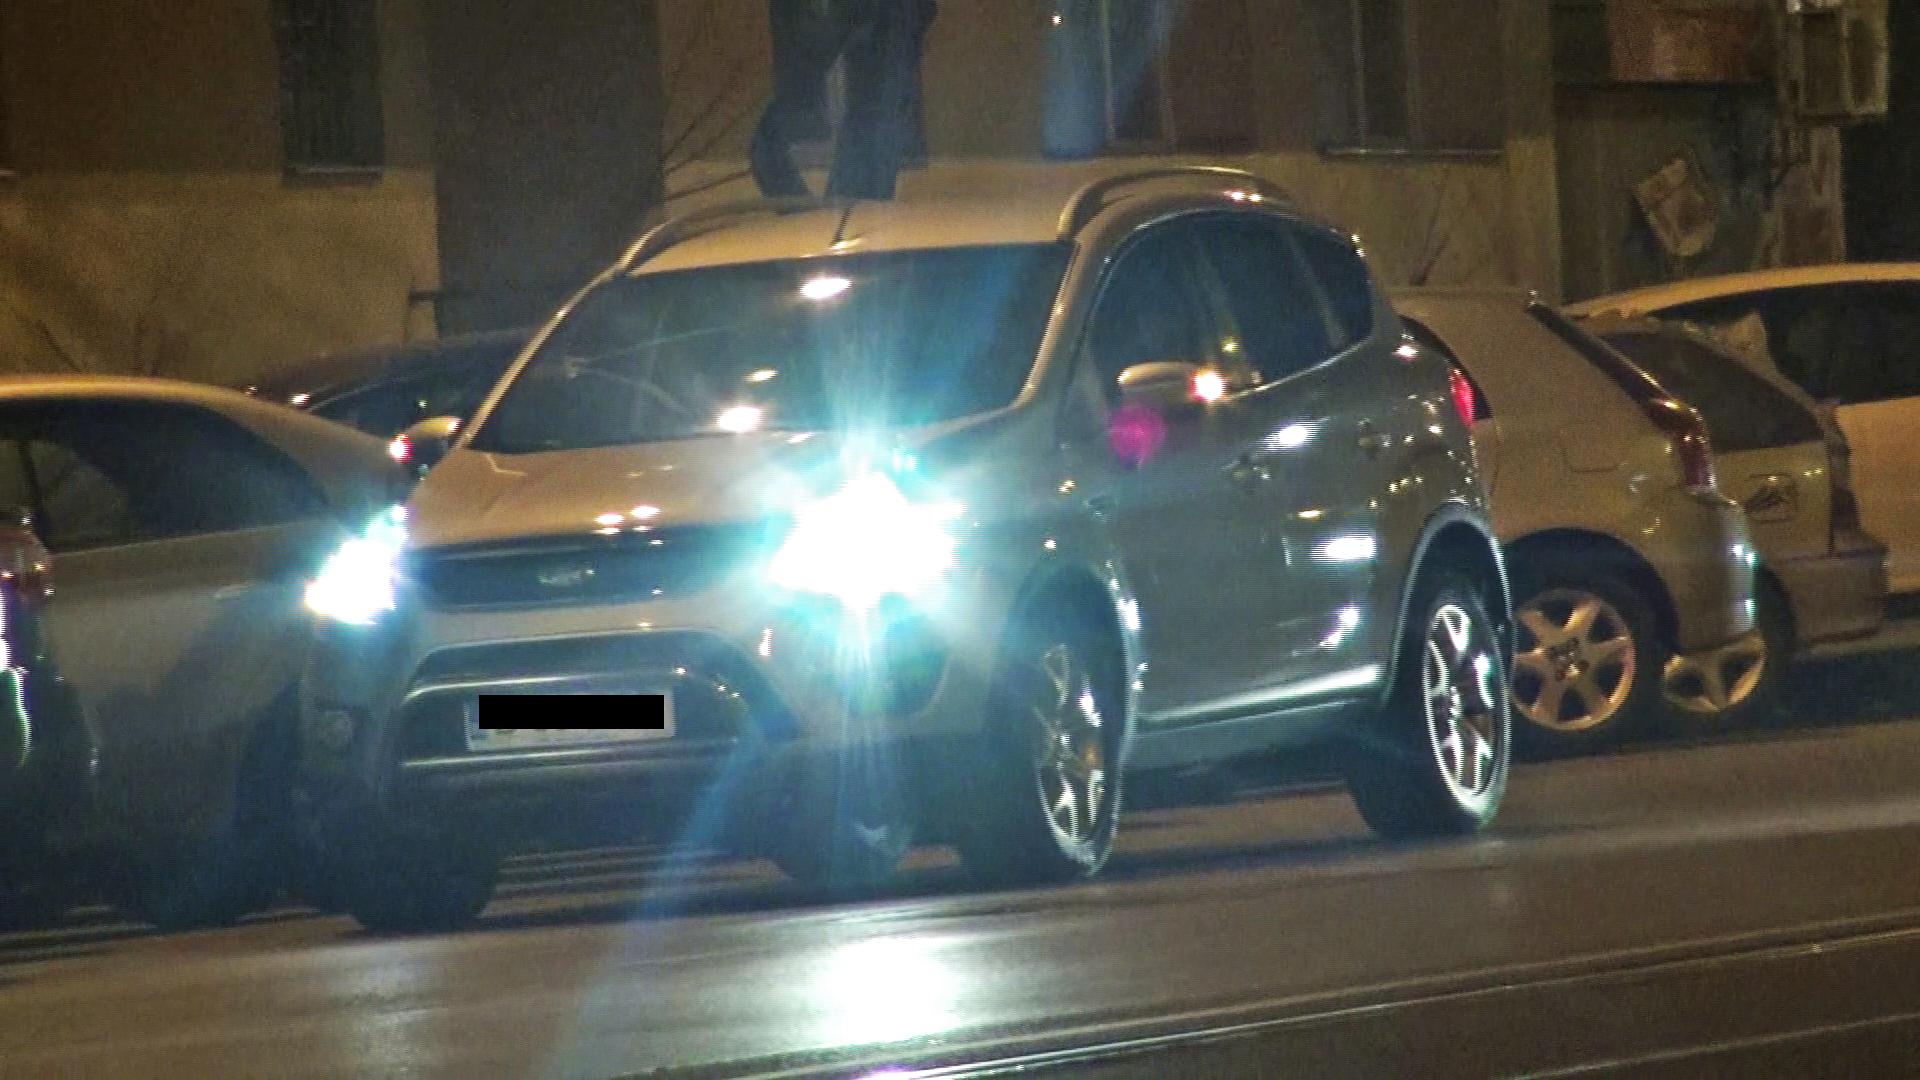 Dupa ce a plecat de la fast-food, Iulia s-a oprit in masina, probabil pentru a lua cina